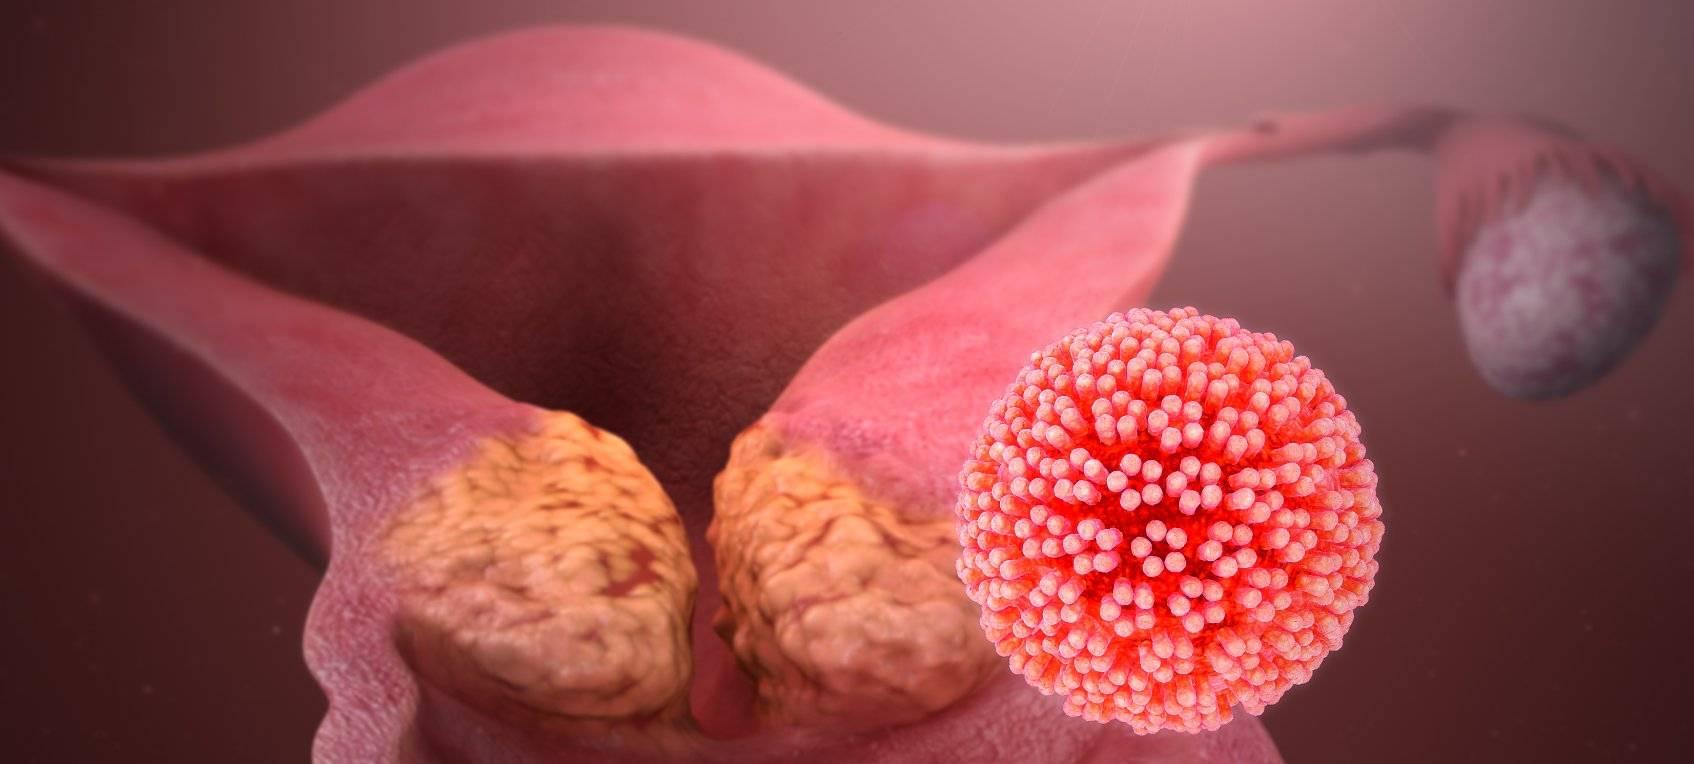 Саркома матки симптомы и лечение заболевания, сколько живут